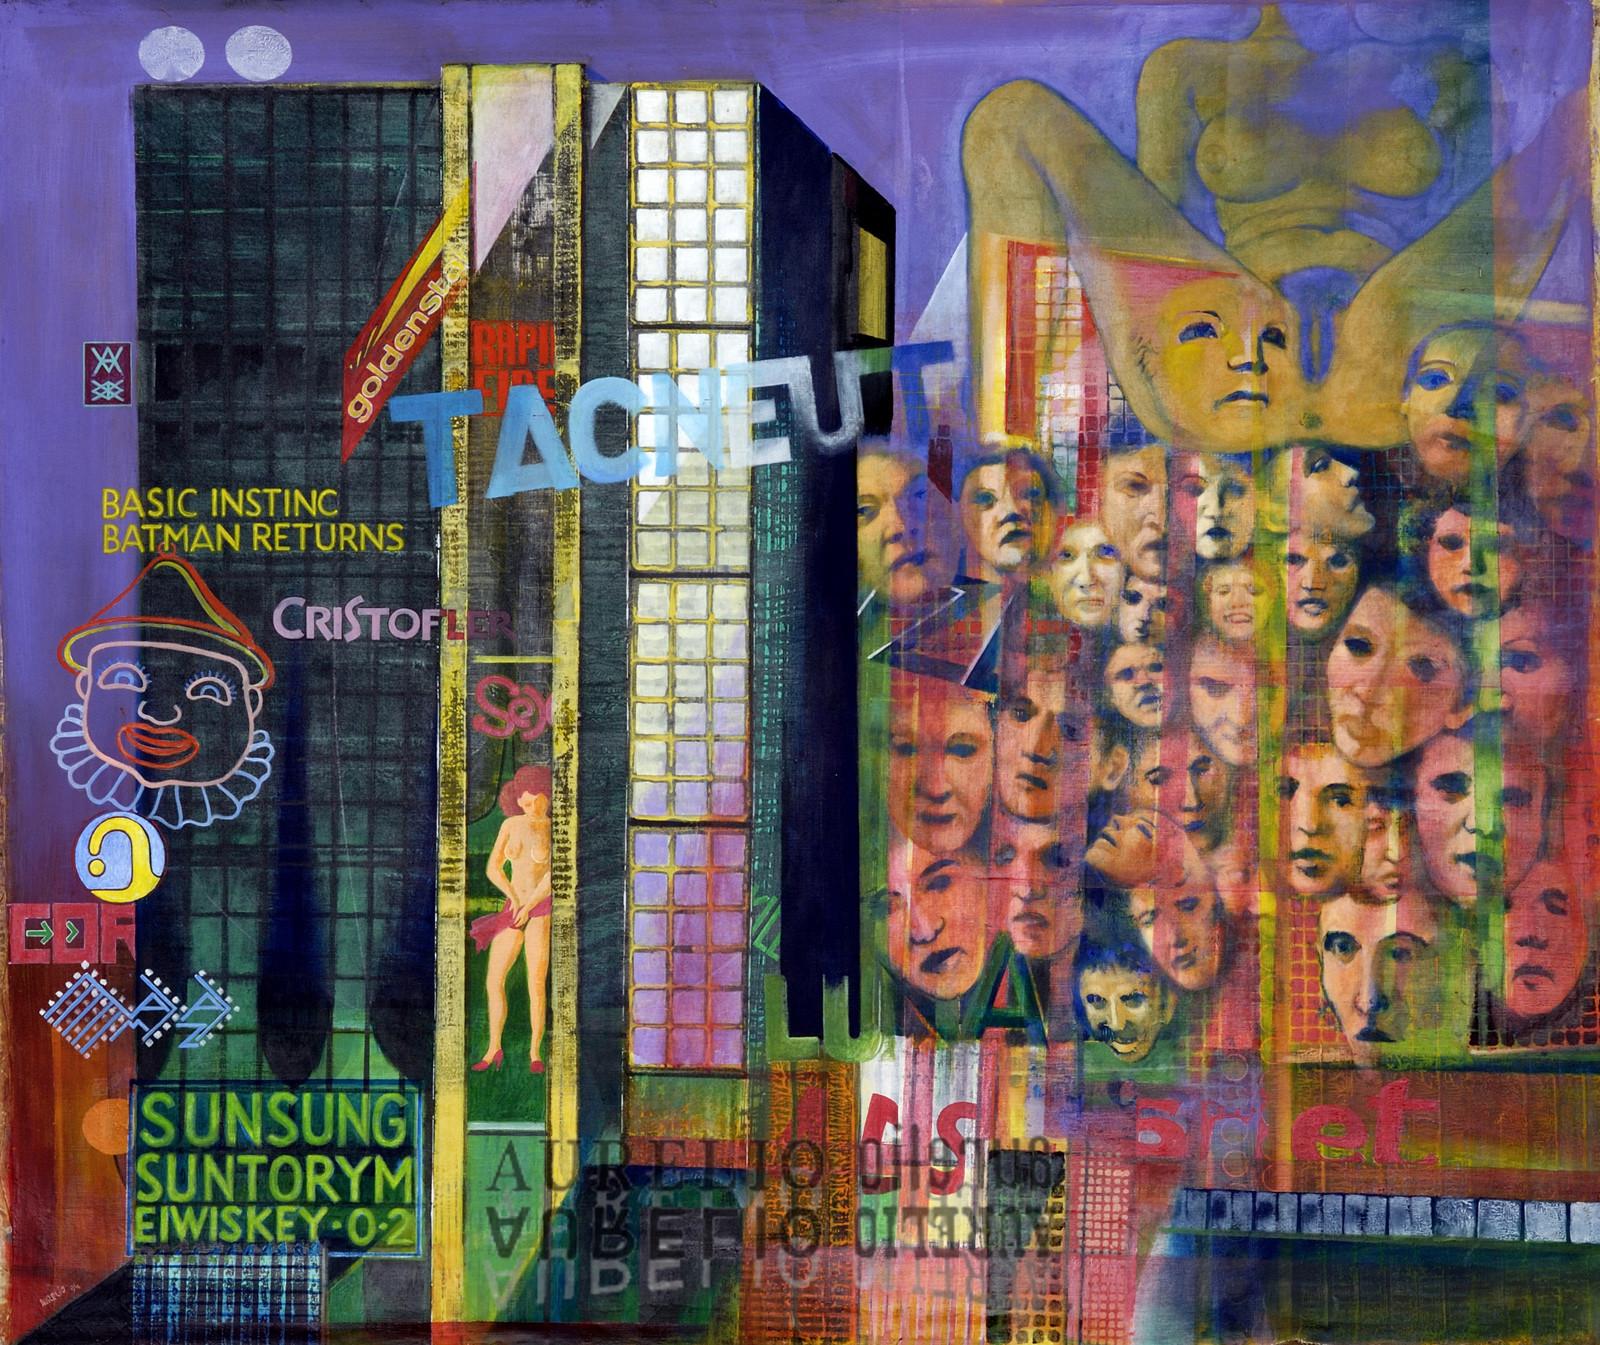 Aurelio C. - Istinti ai primordi - 1994